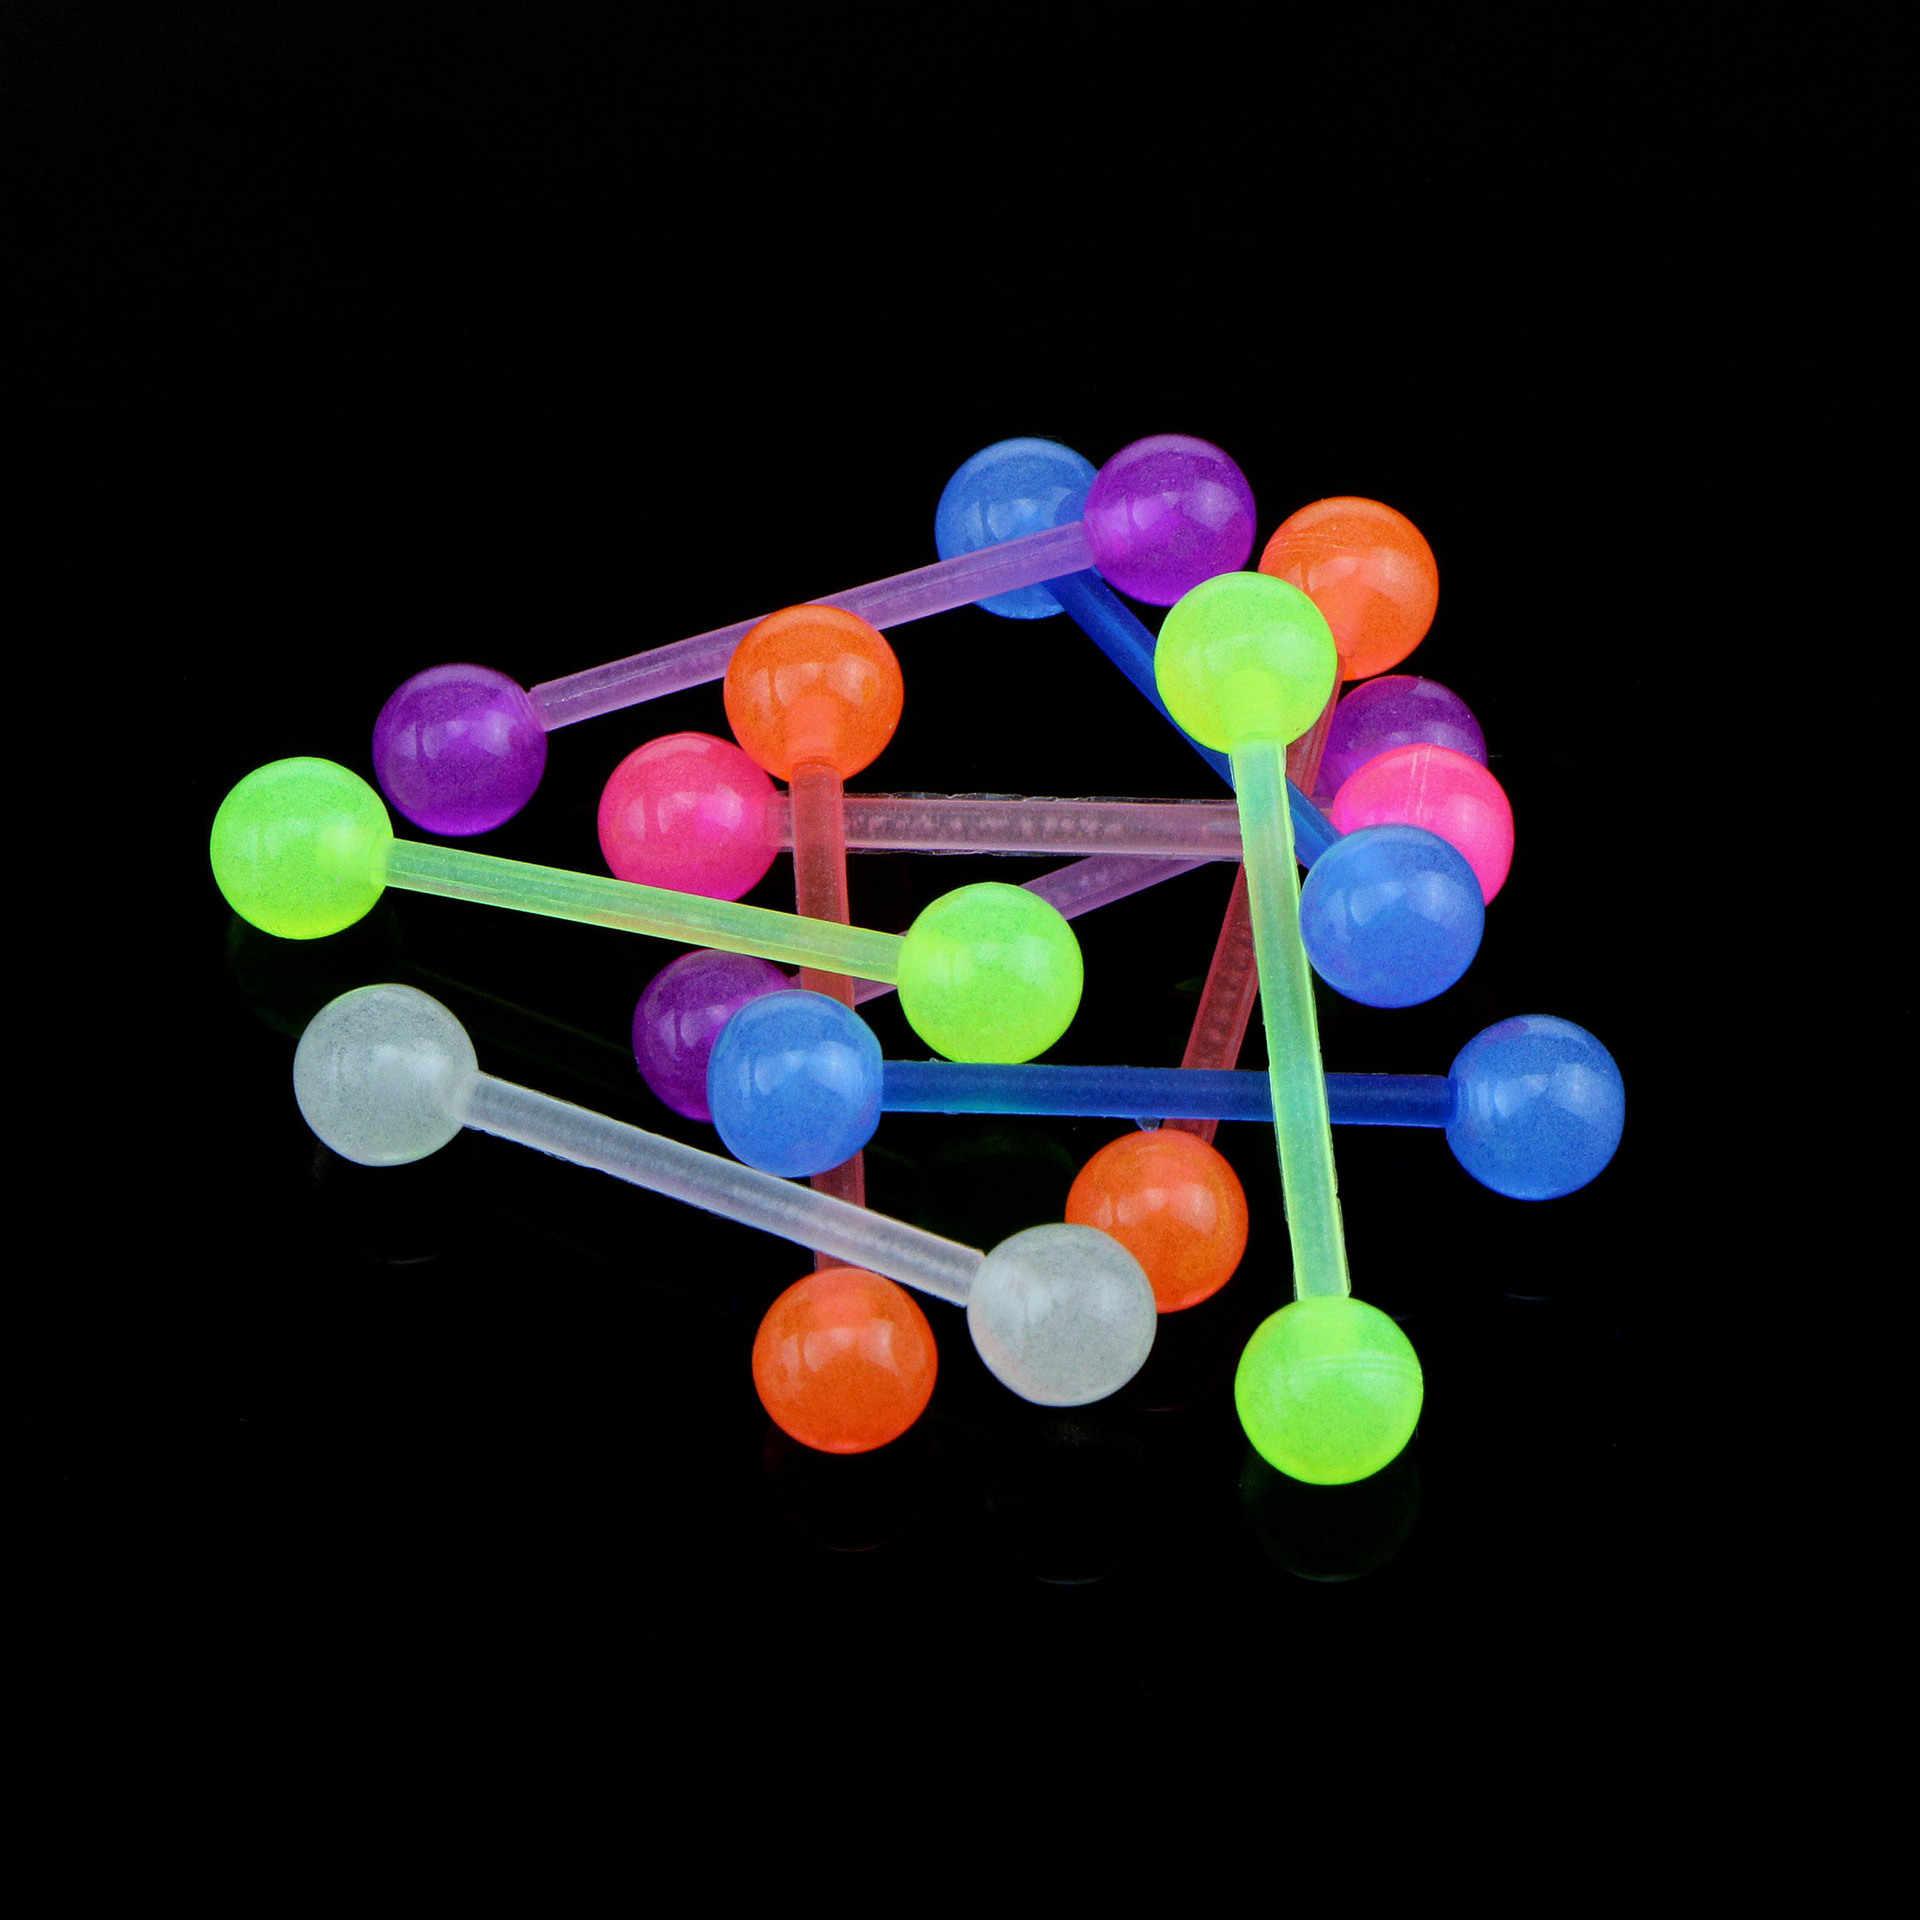 זוהר בחושך לשון פירסינג 1Pc אקריליק צבעוני Bioflexible רך לשון ברבל טבעות פטמה ברבל נשים גוף תכשיטים